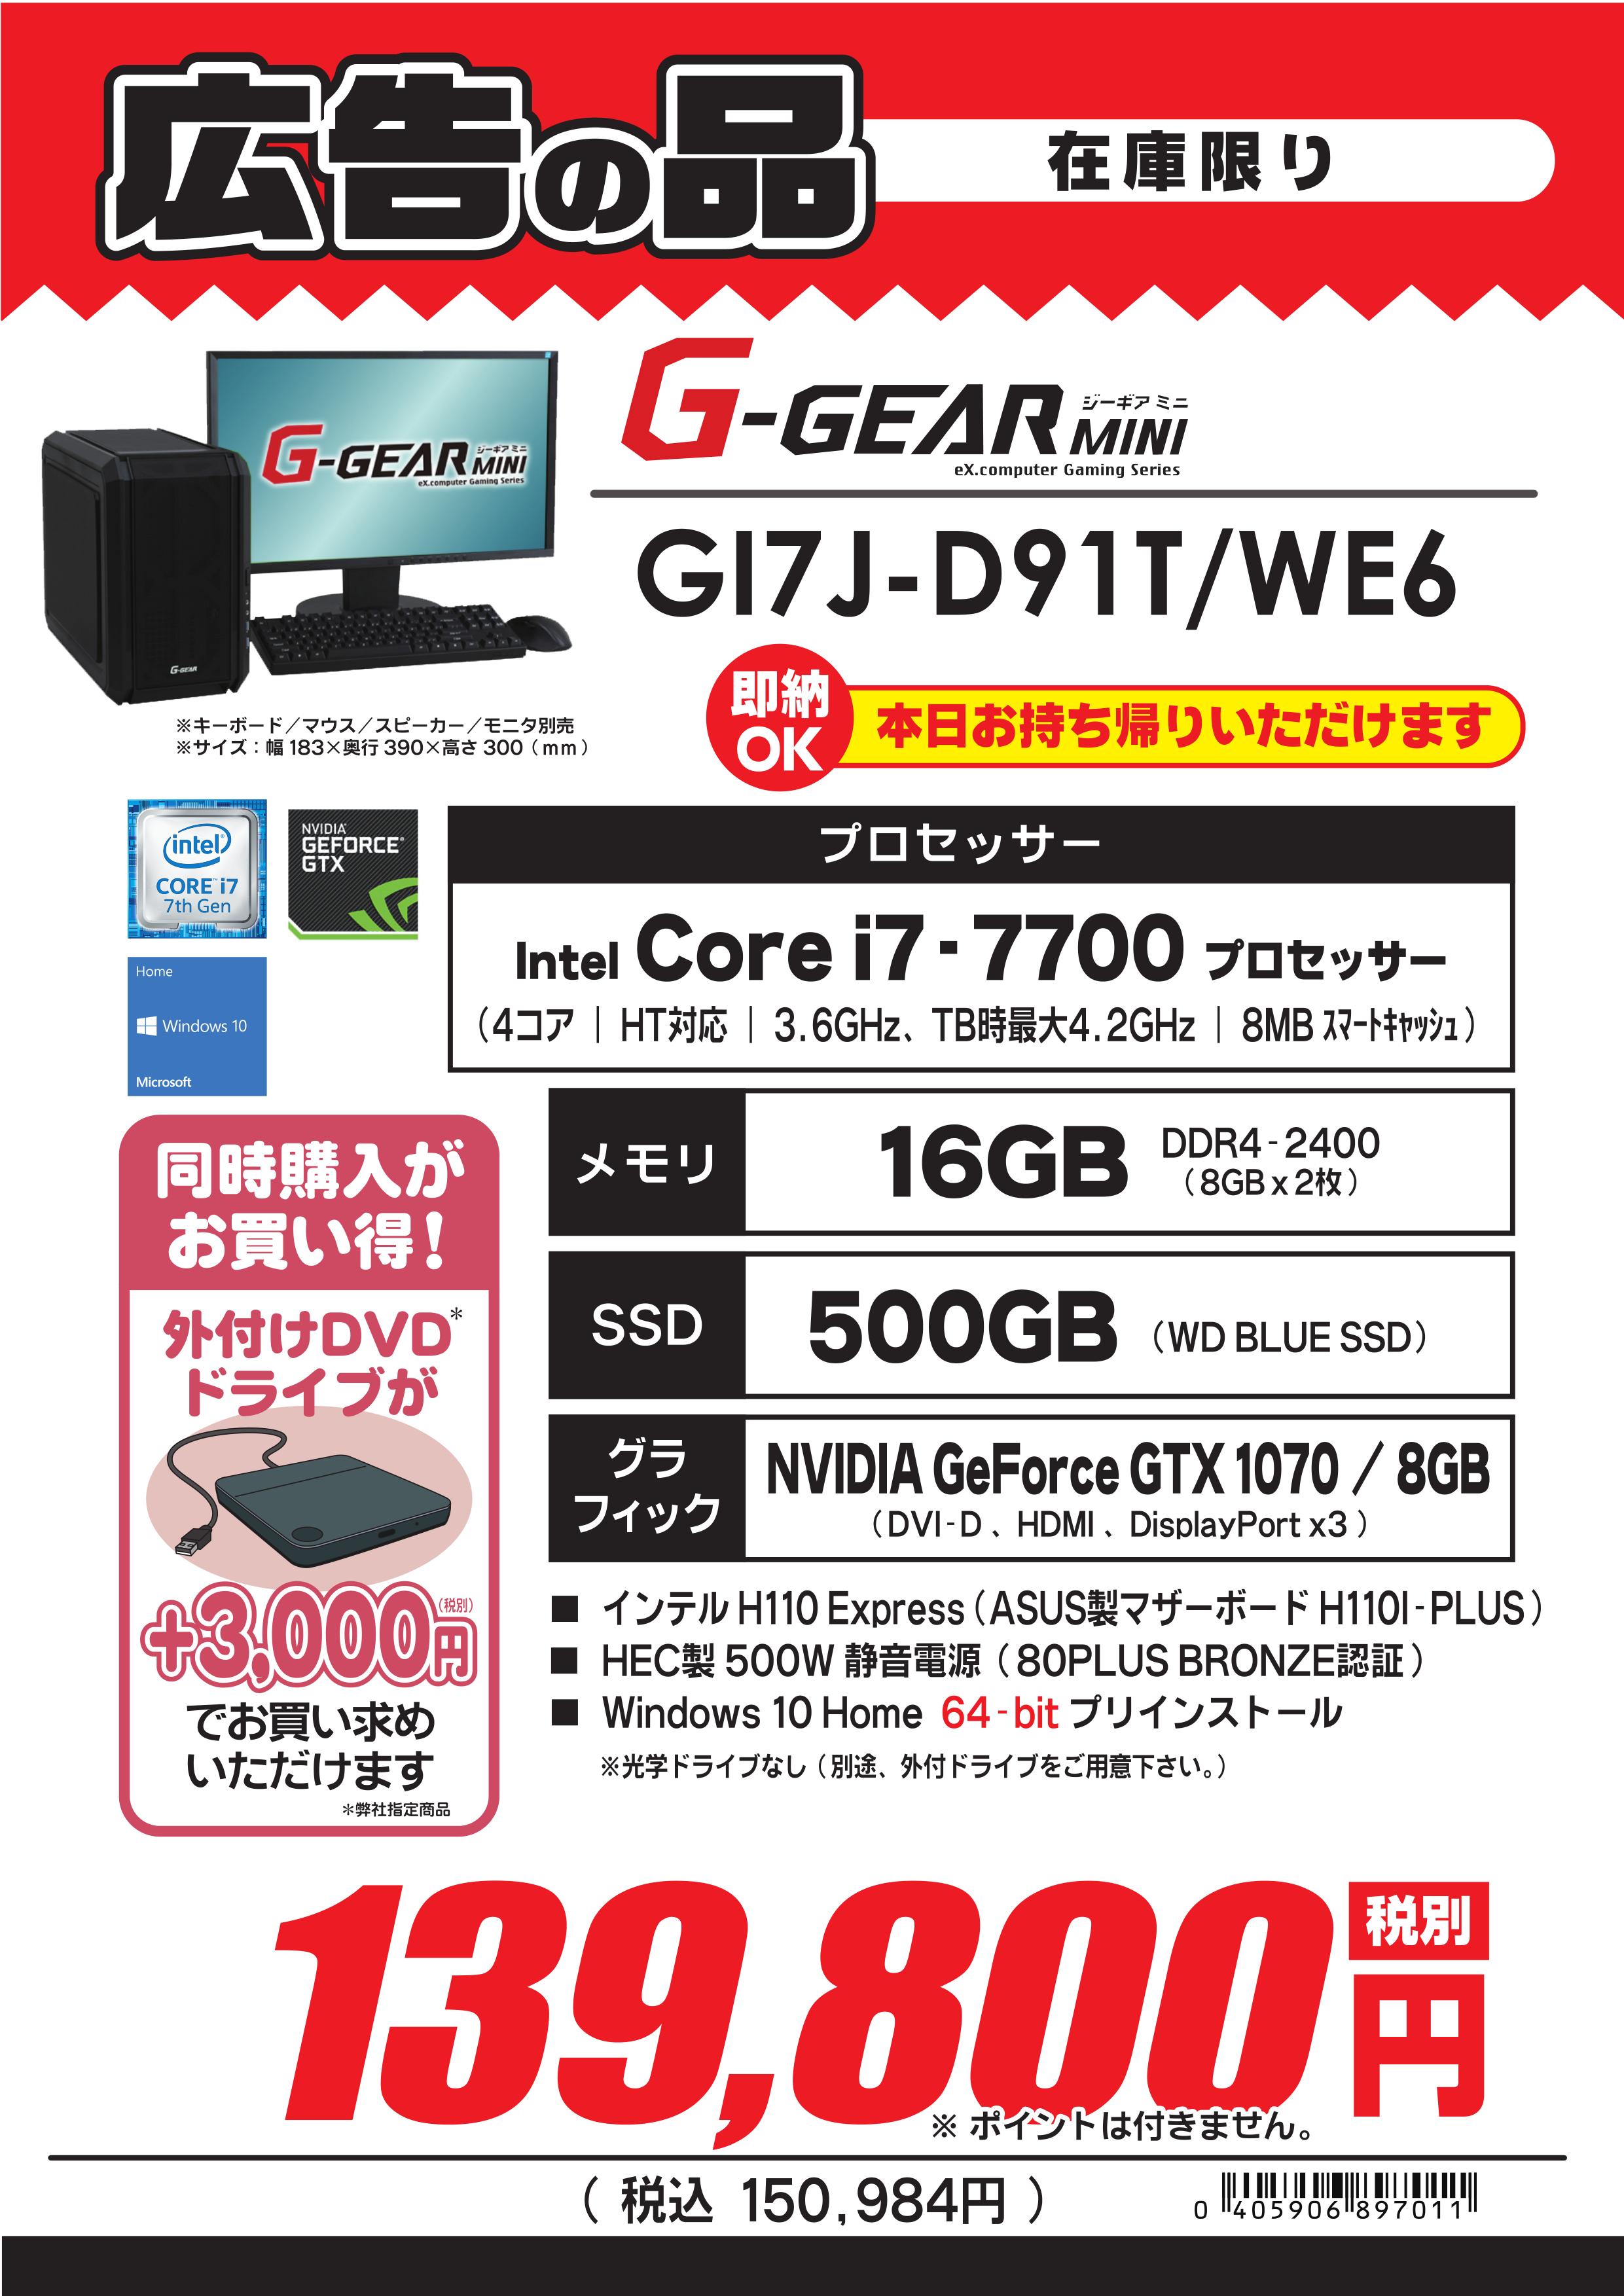 GI7J-D91T_WE6_imgs-0001.png